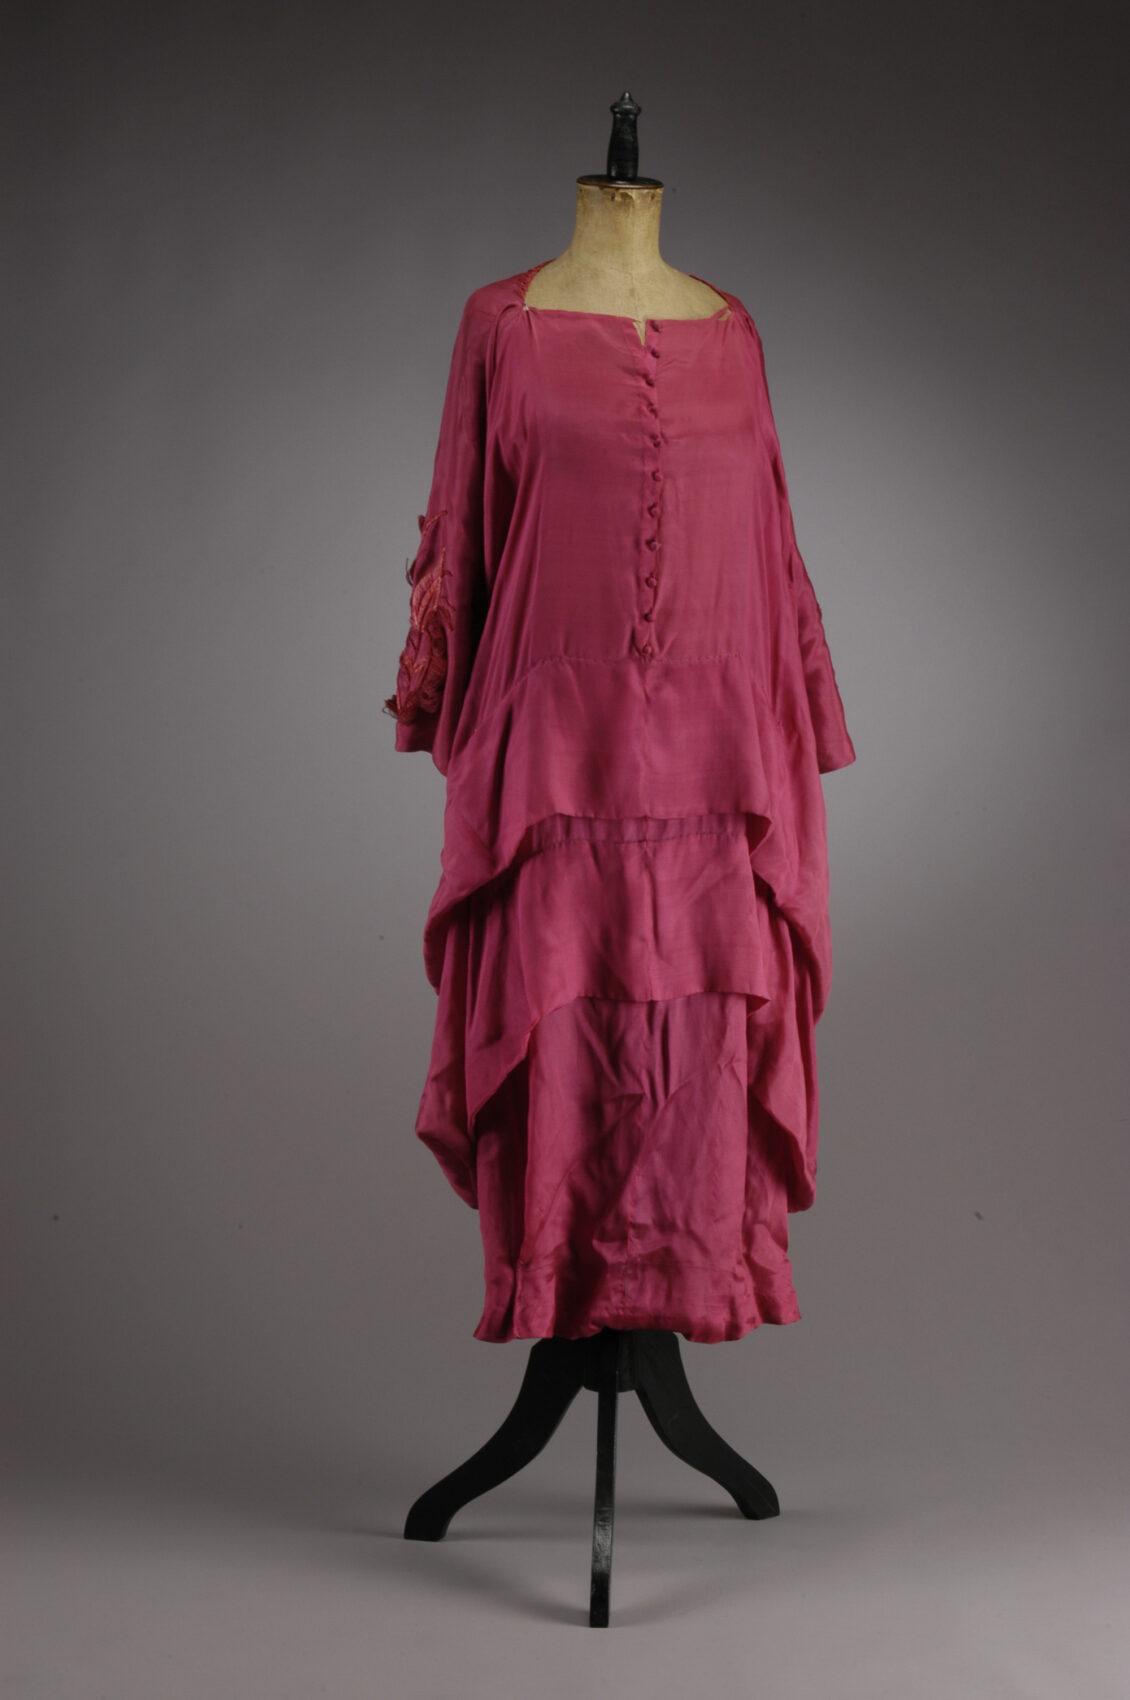 Splývavé kaskádovité šaty temně růžové barvy